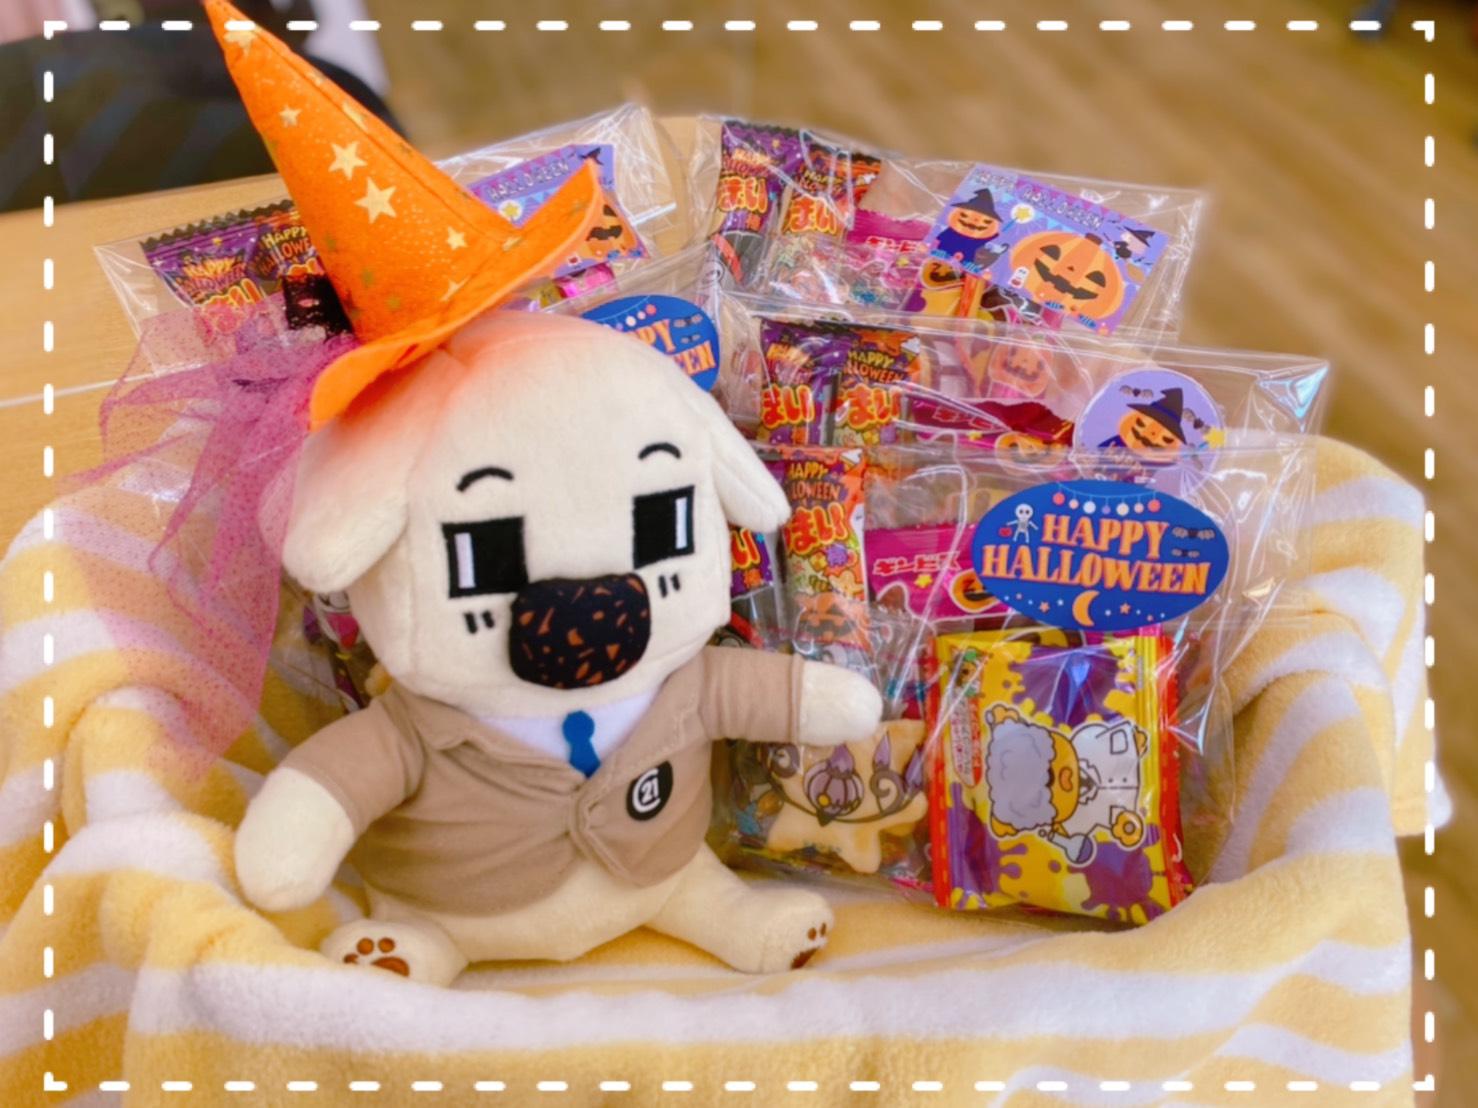 【期間限定】♥♣ お菓子プレゼント中 ♦♠